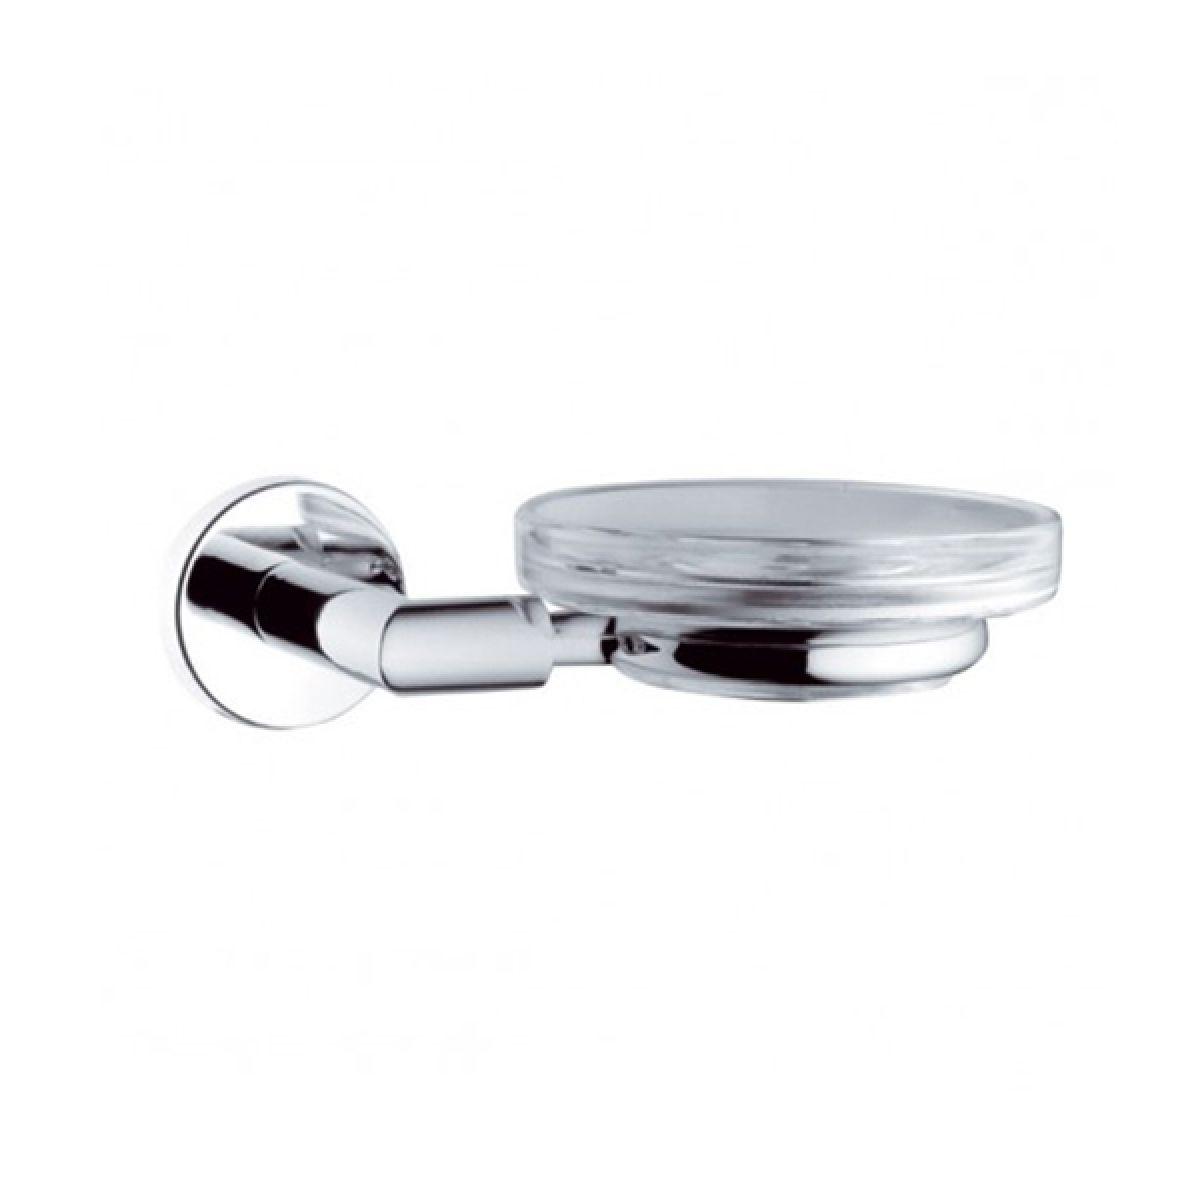 Vitra Minimax Soap Dish